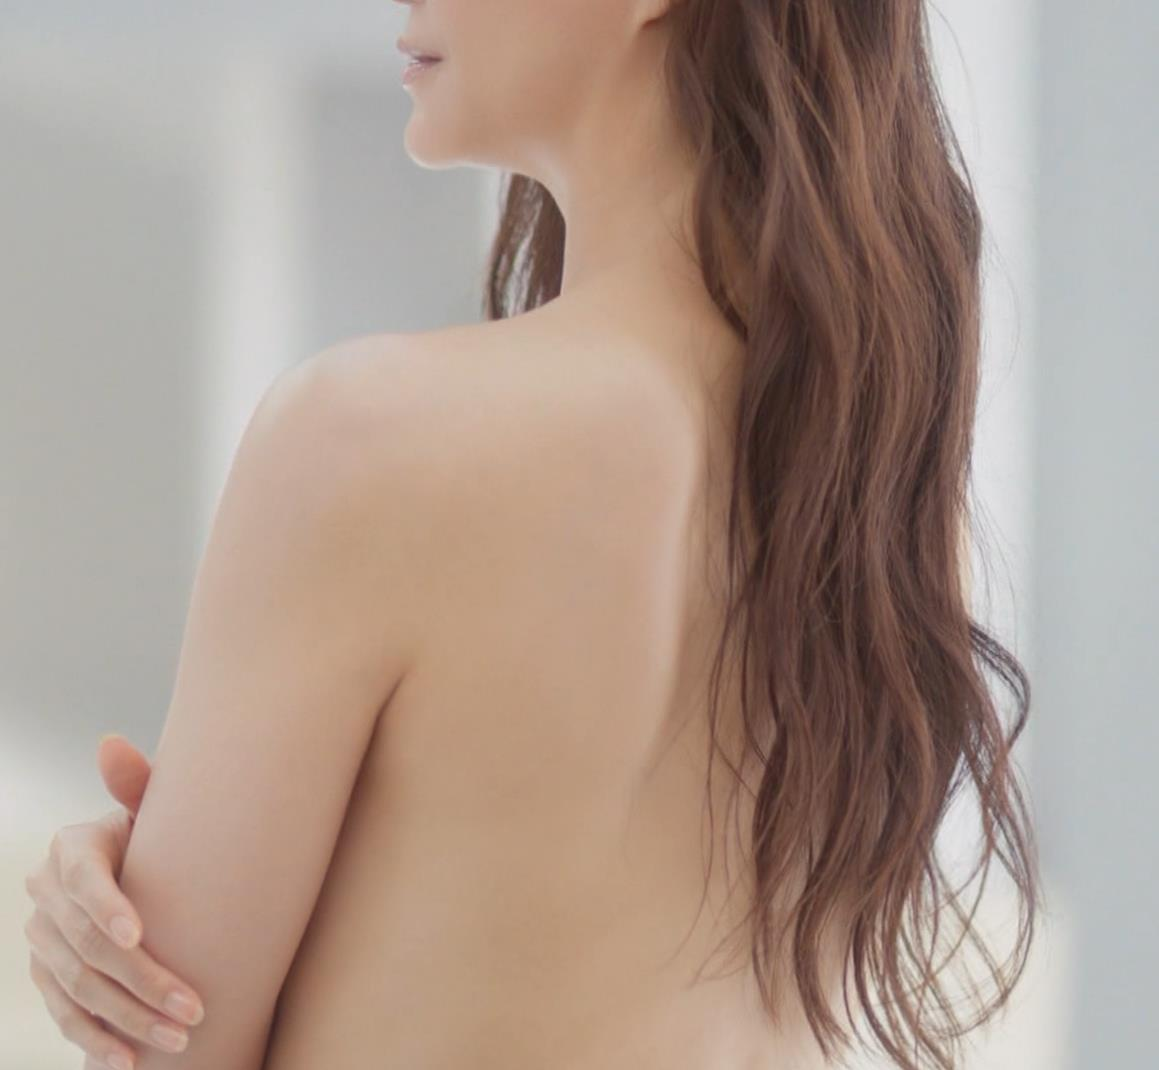 観月ありさ 裸になってるCMキャプ・エロ画像